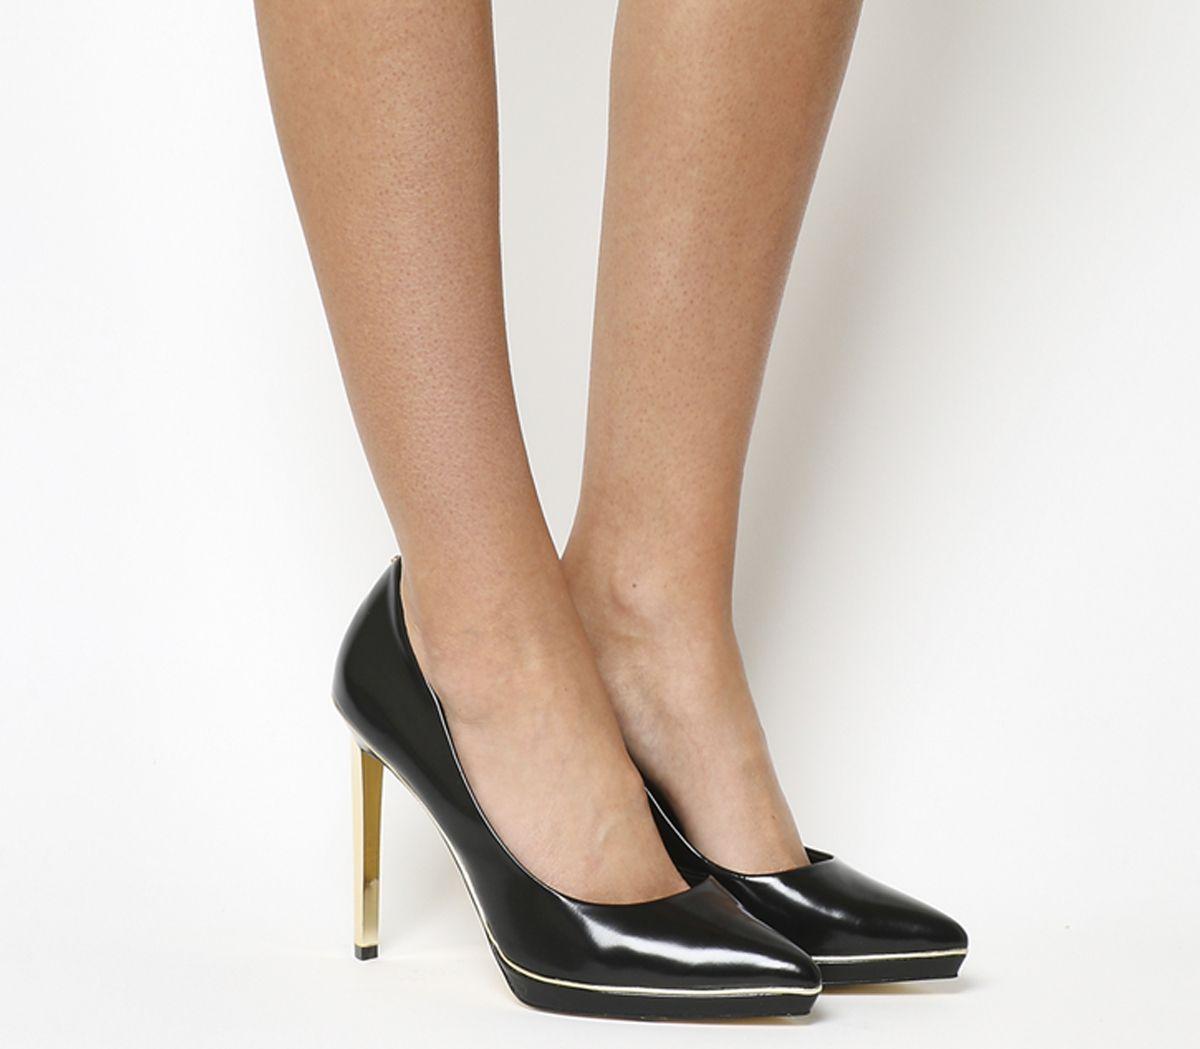 6728e45ad08 Ted Baker Elvena Heel Black Hi Shine Leather - High Heels